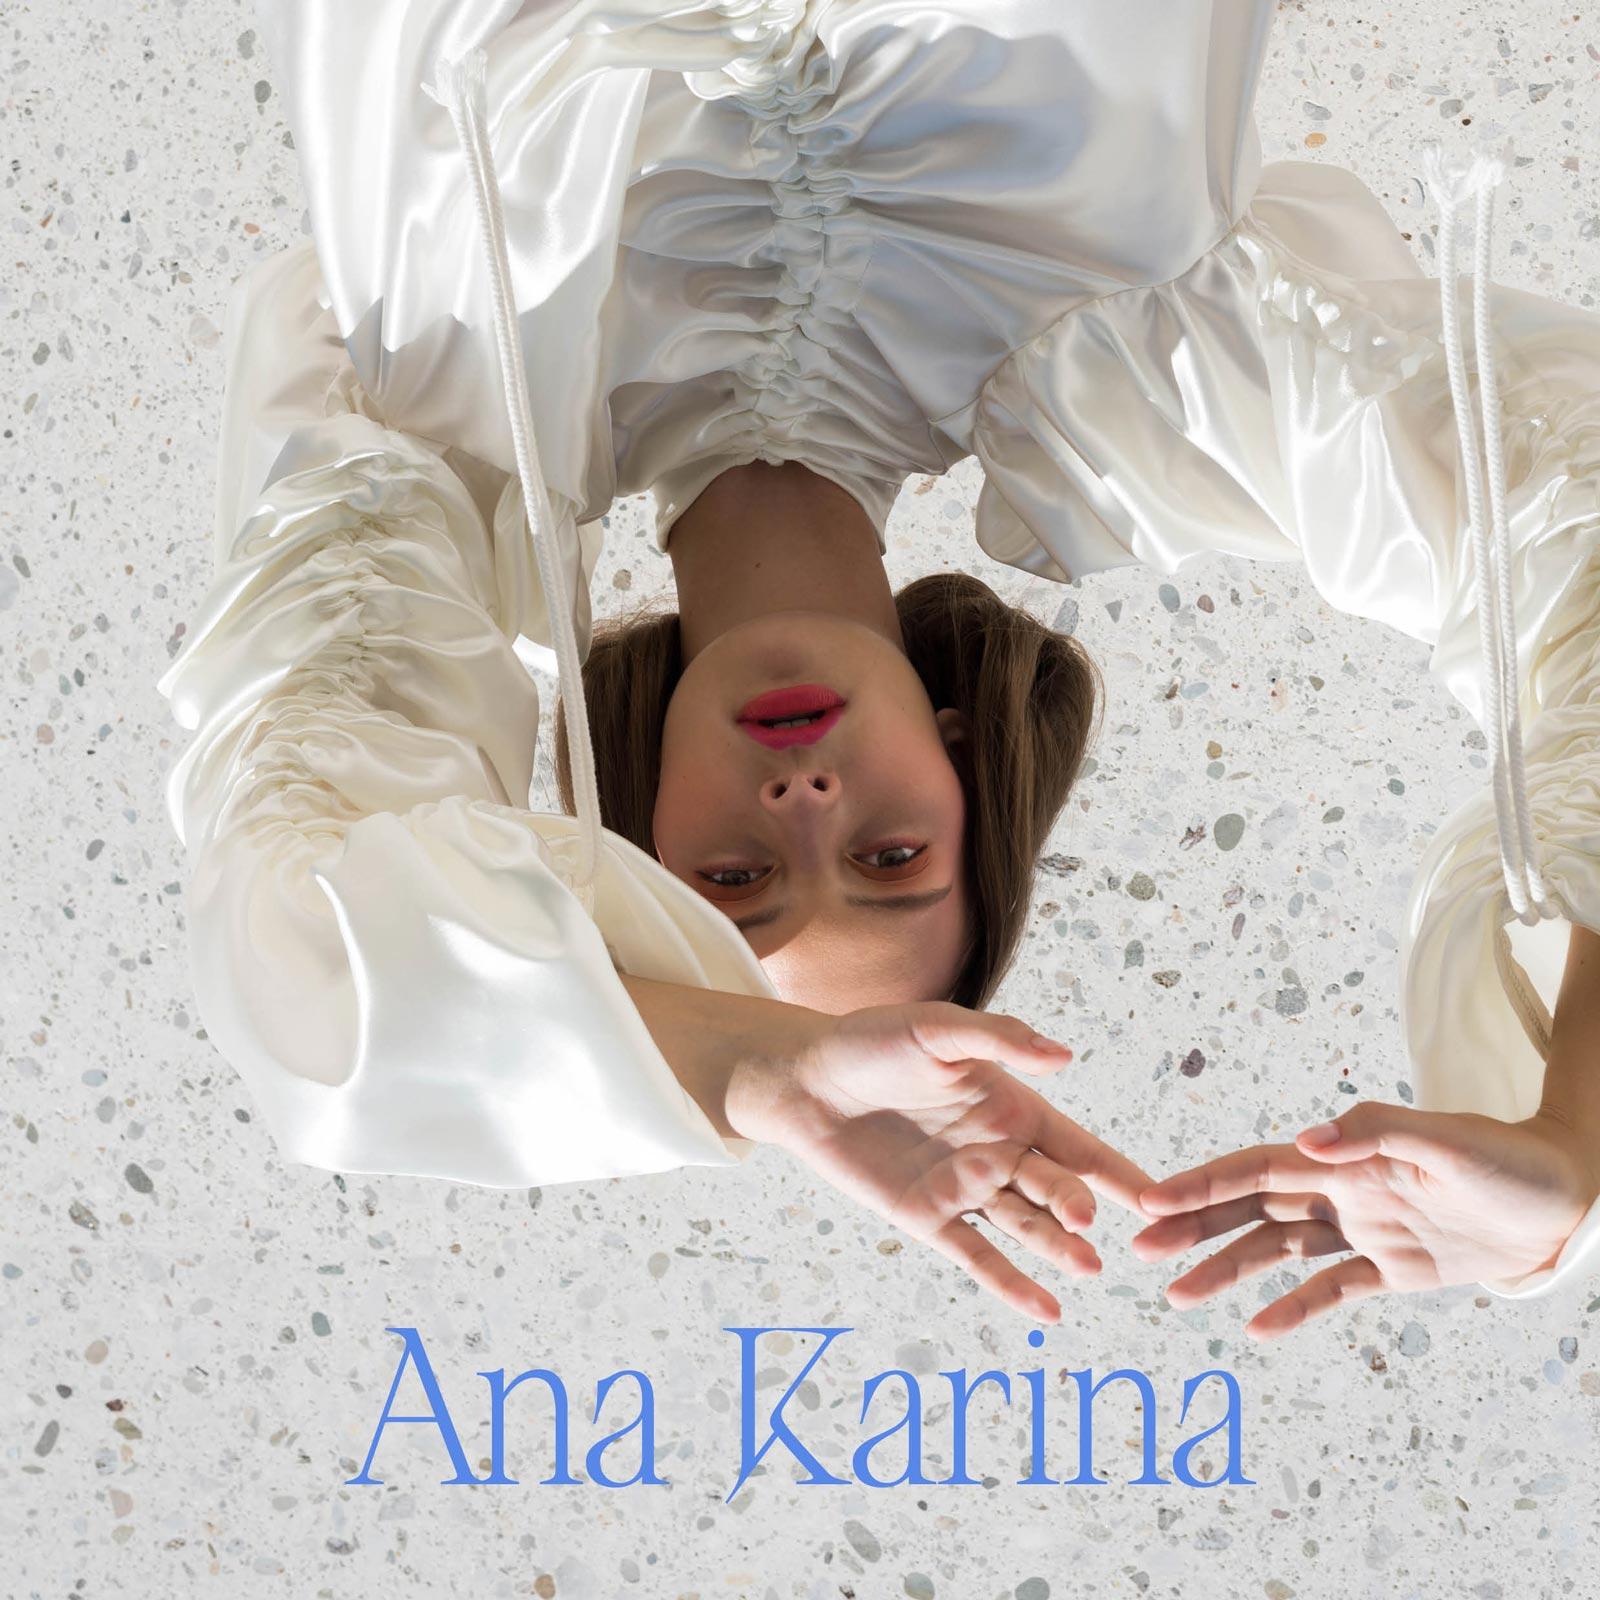 Ana Karina Brand Kit